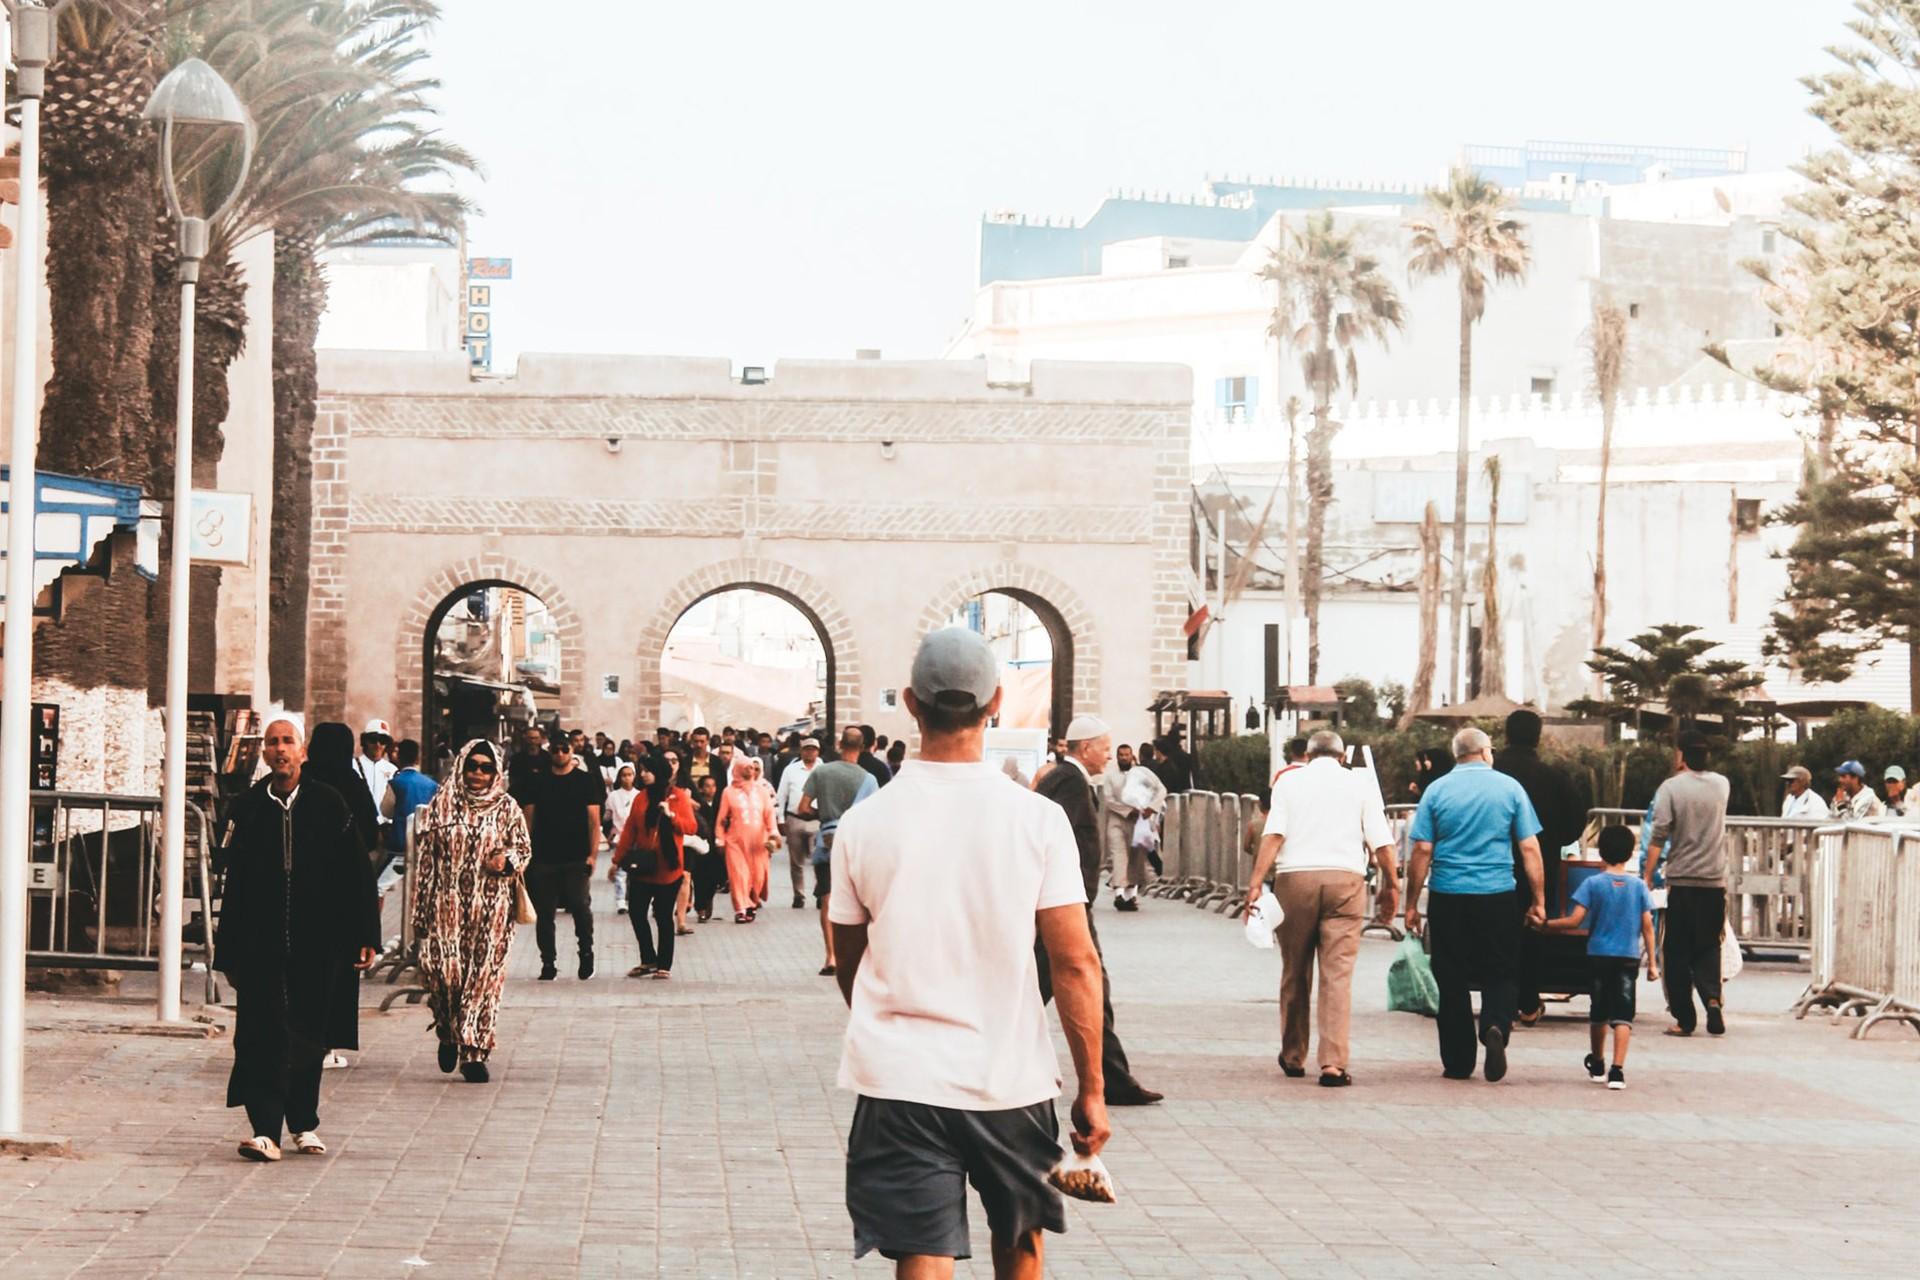 Se déplacer dans Essaouira